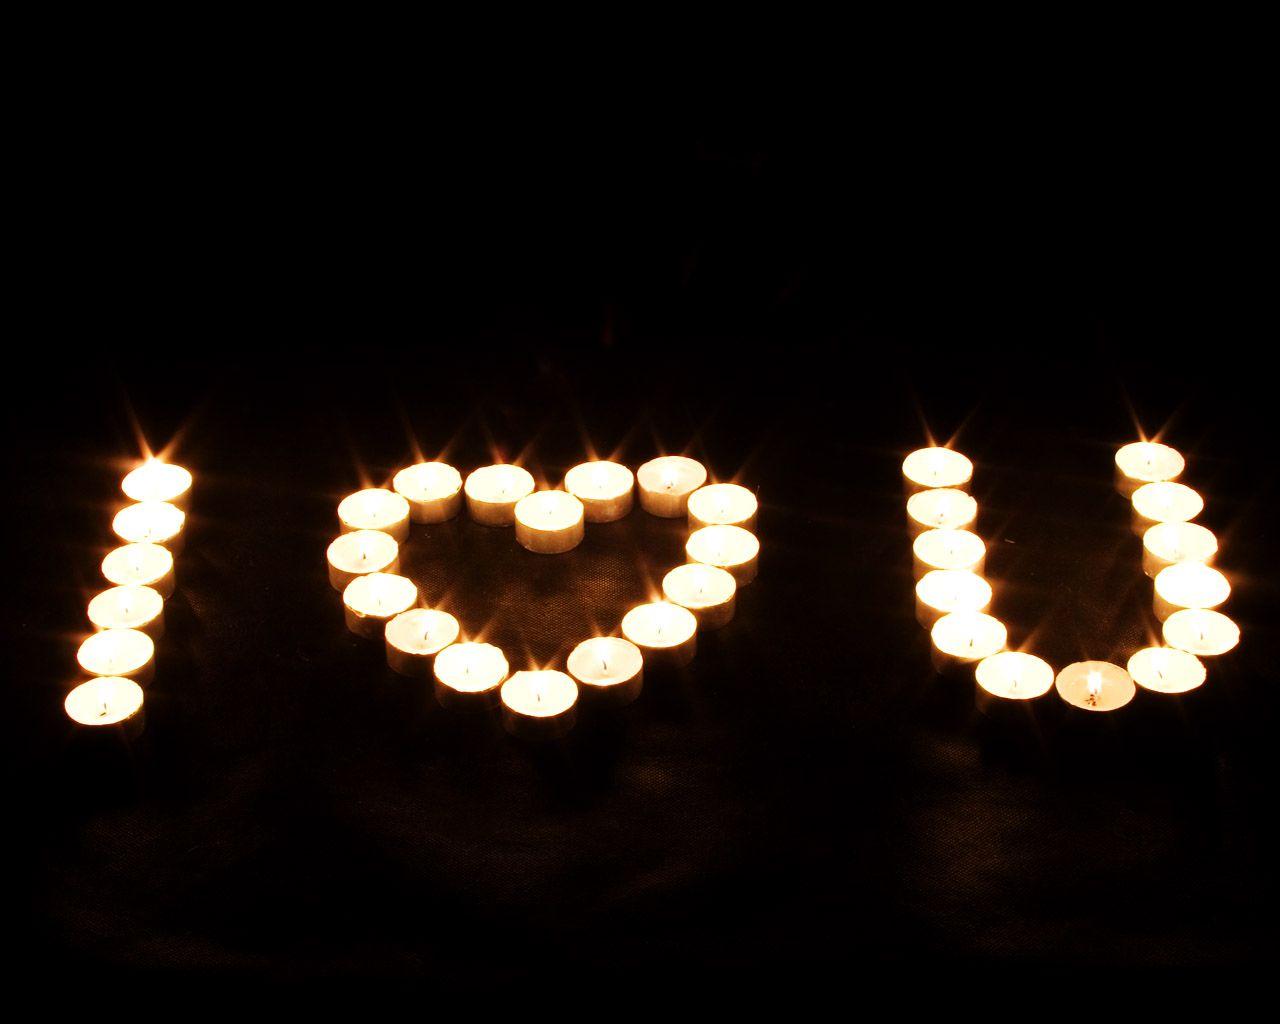 http://2.bp.blogspot.com/-iOi18NNLIPw/Tx0Fc5JKmAI/AAAAAAAAAdY/_Dg4UuFsc8o/s1600/candle_light_wallpapers_03.jpg